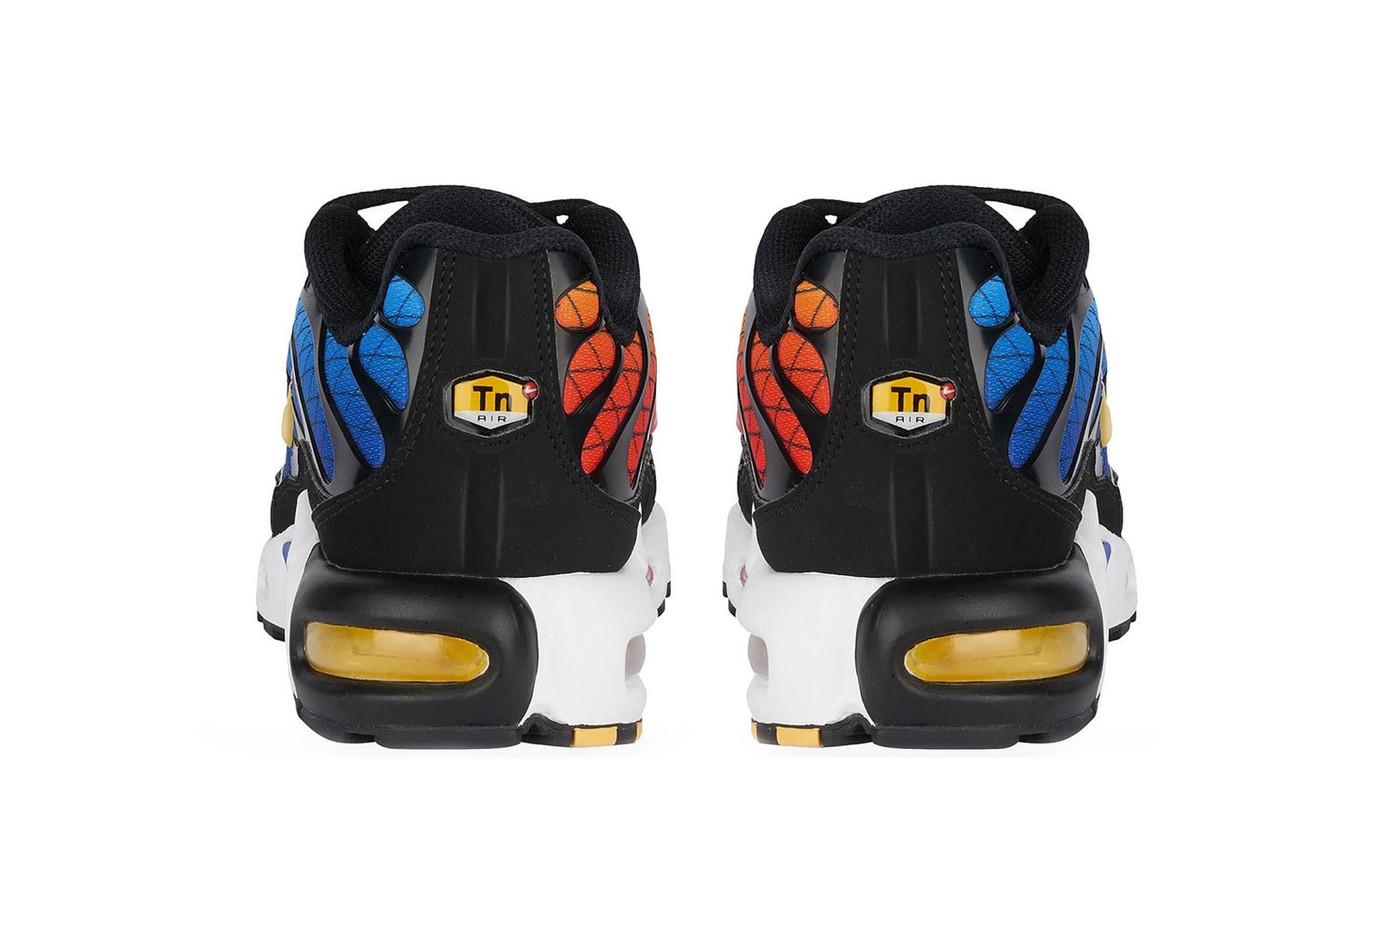 https 2F2Fhypebeast.com2Fimage2F20182F112Fnike air max plus greedy 03 - Las nuevas Nike Air Max Plus llegarán en dos nuevos colores